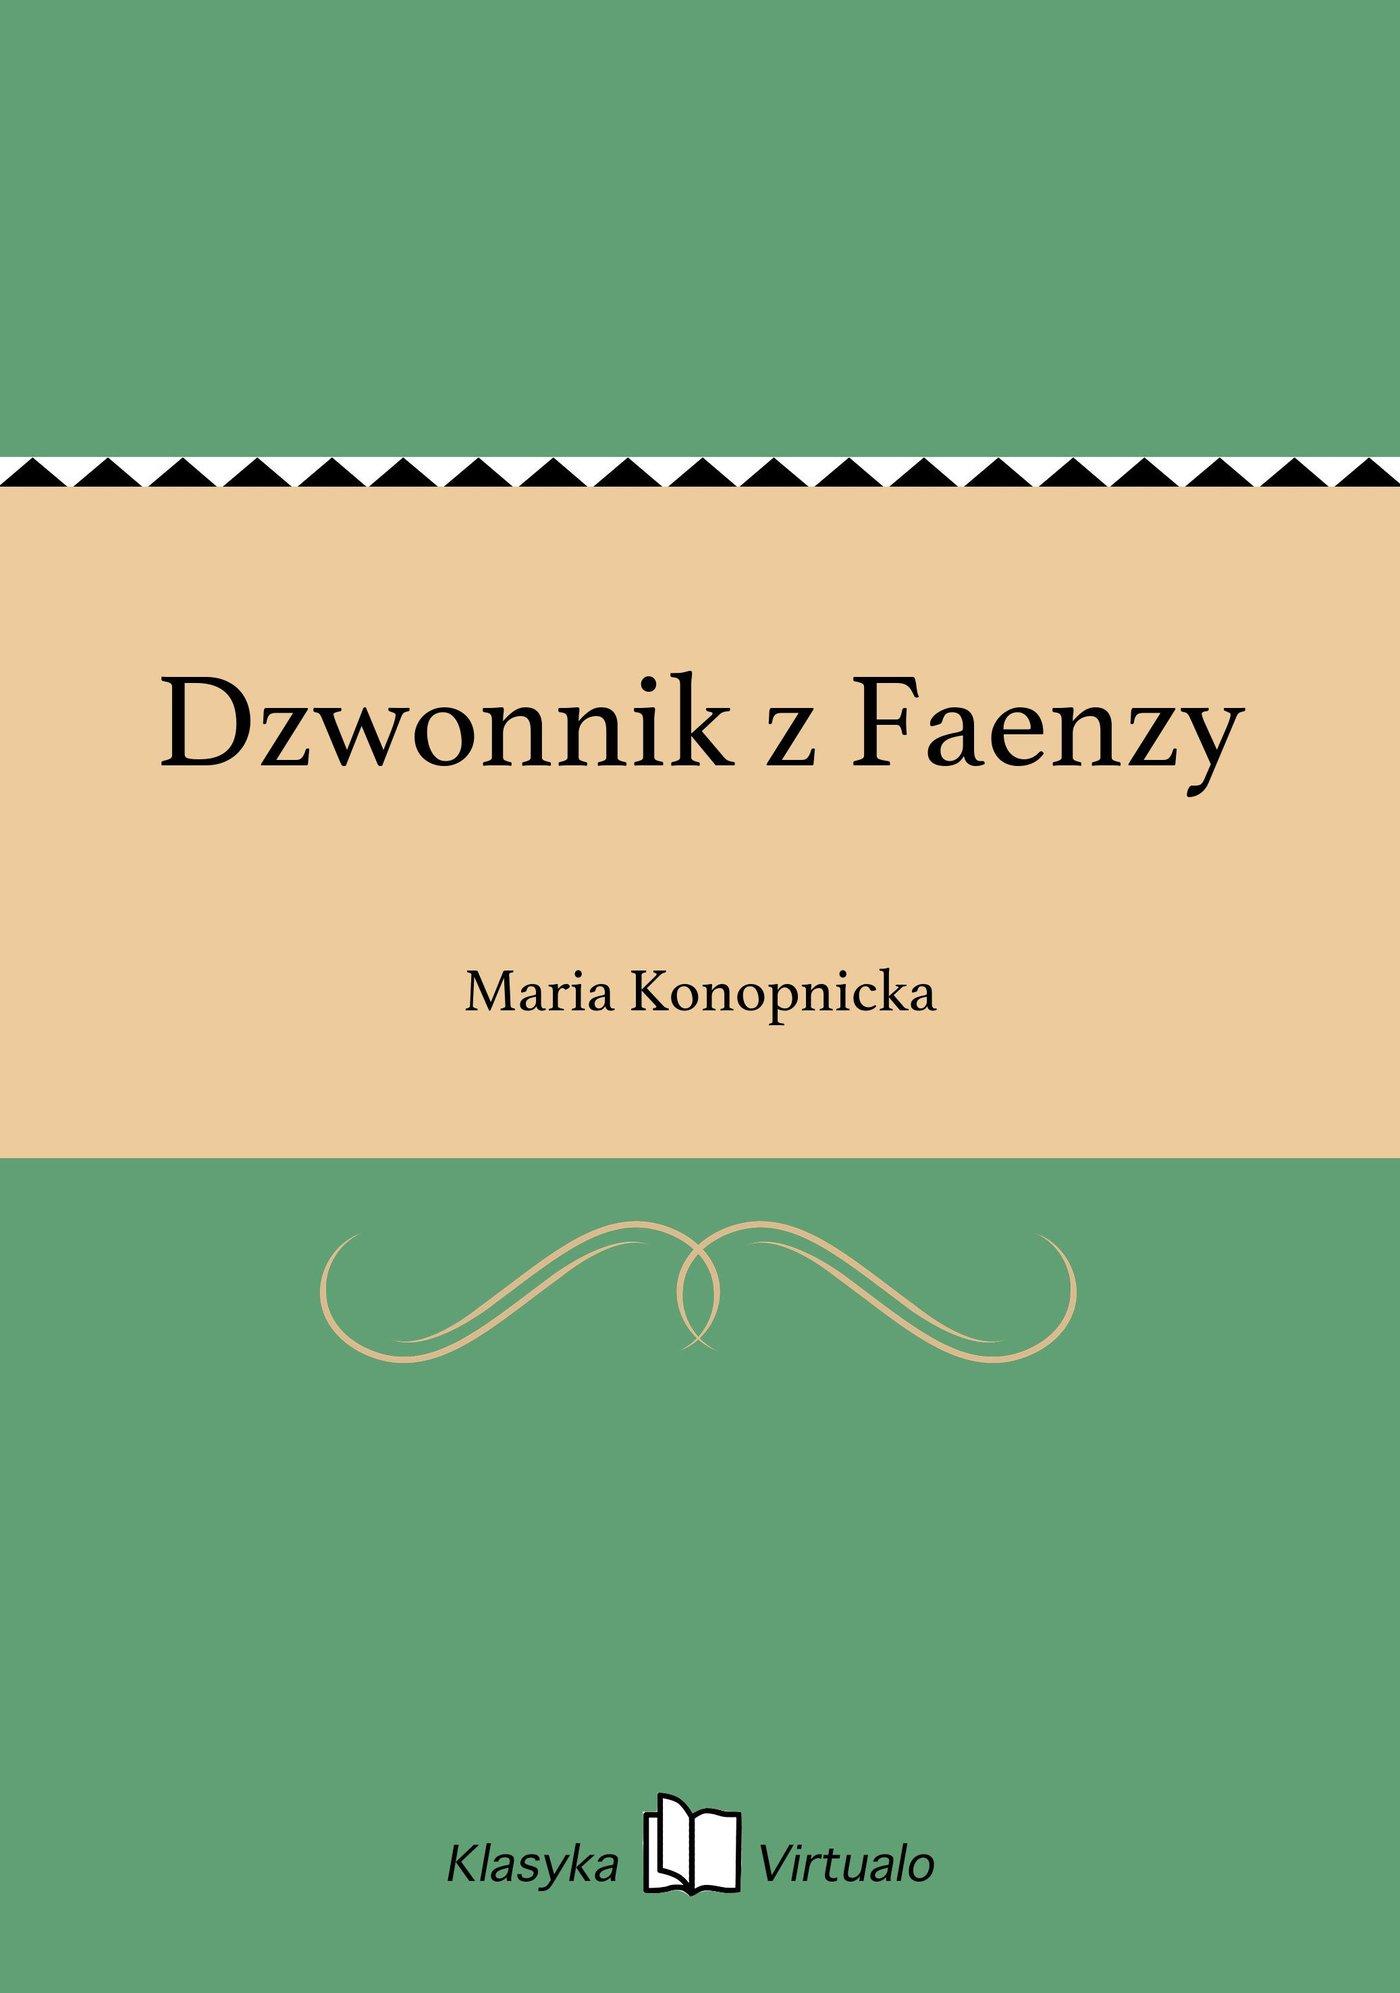 Dzwonnik z Faenzy - Ebook (Książka na Kindle) do pobrania w formacie MOBI